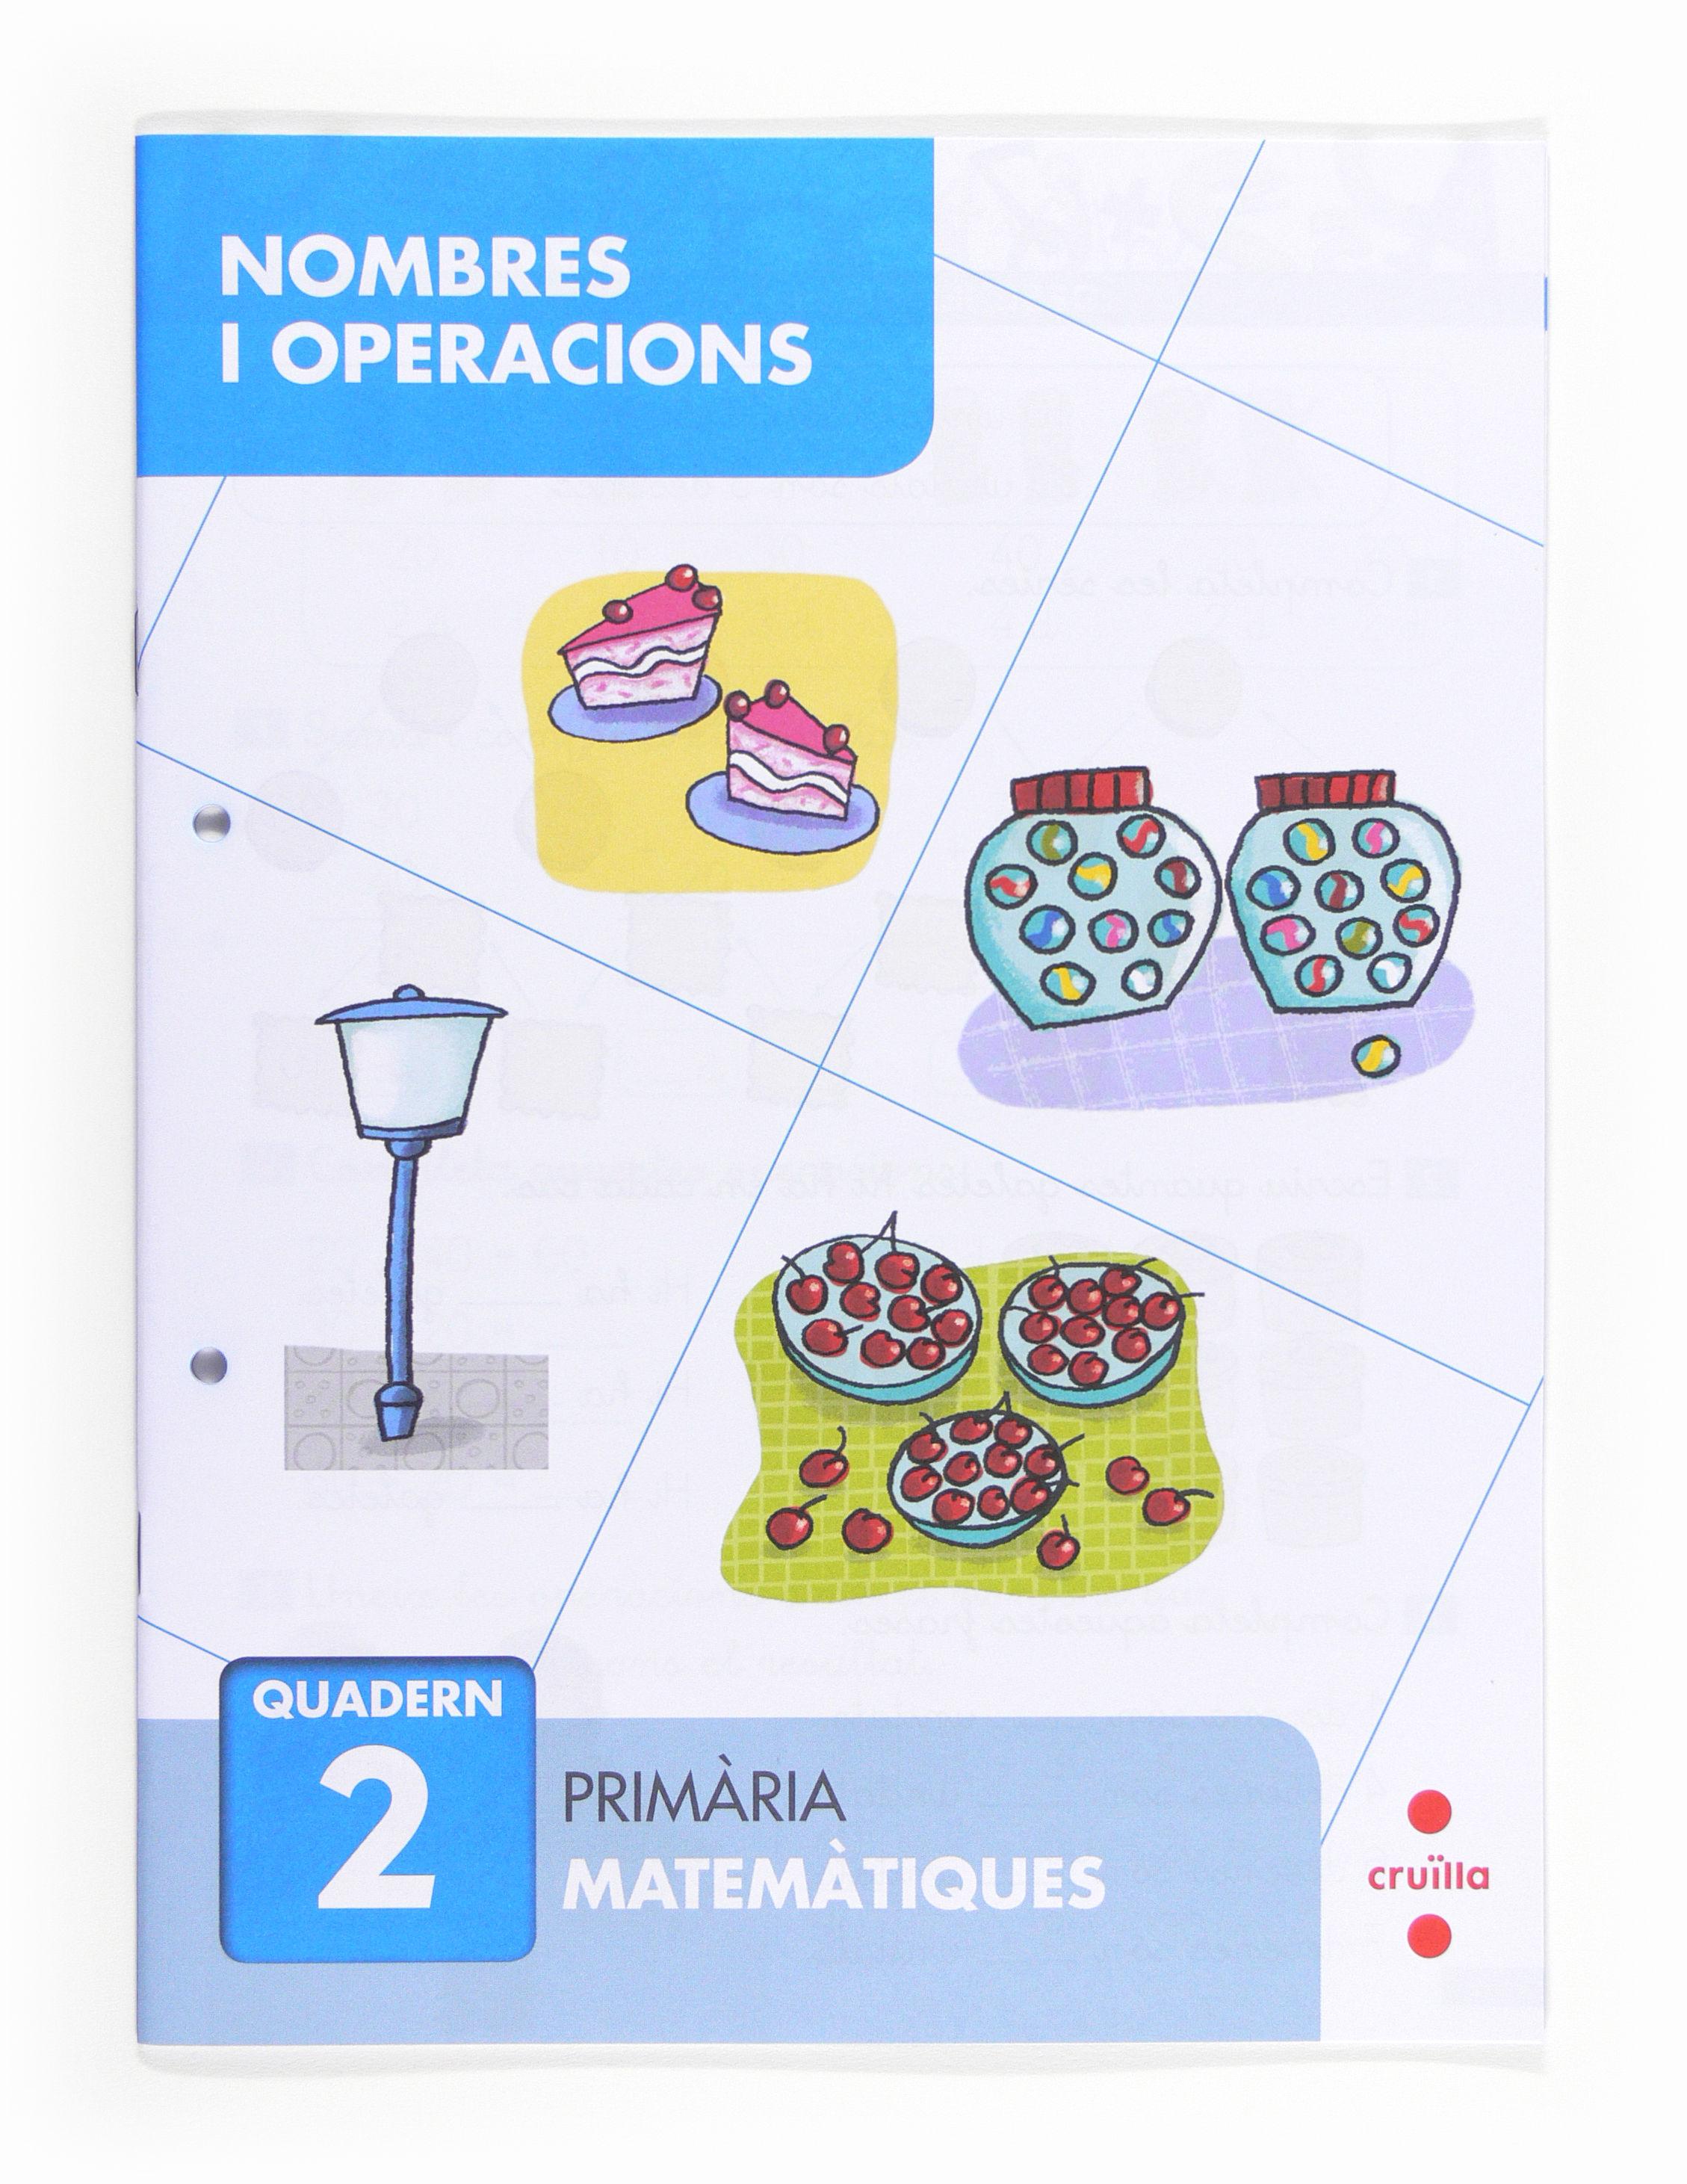 NOMBRES I OPERACIONS QUADERN  2 13